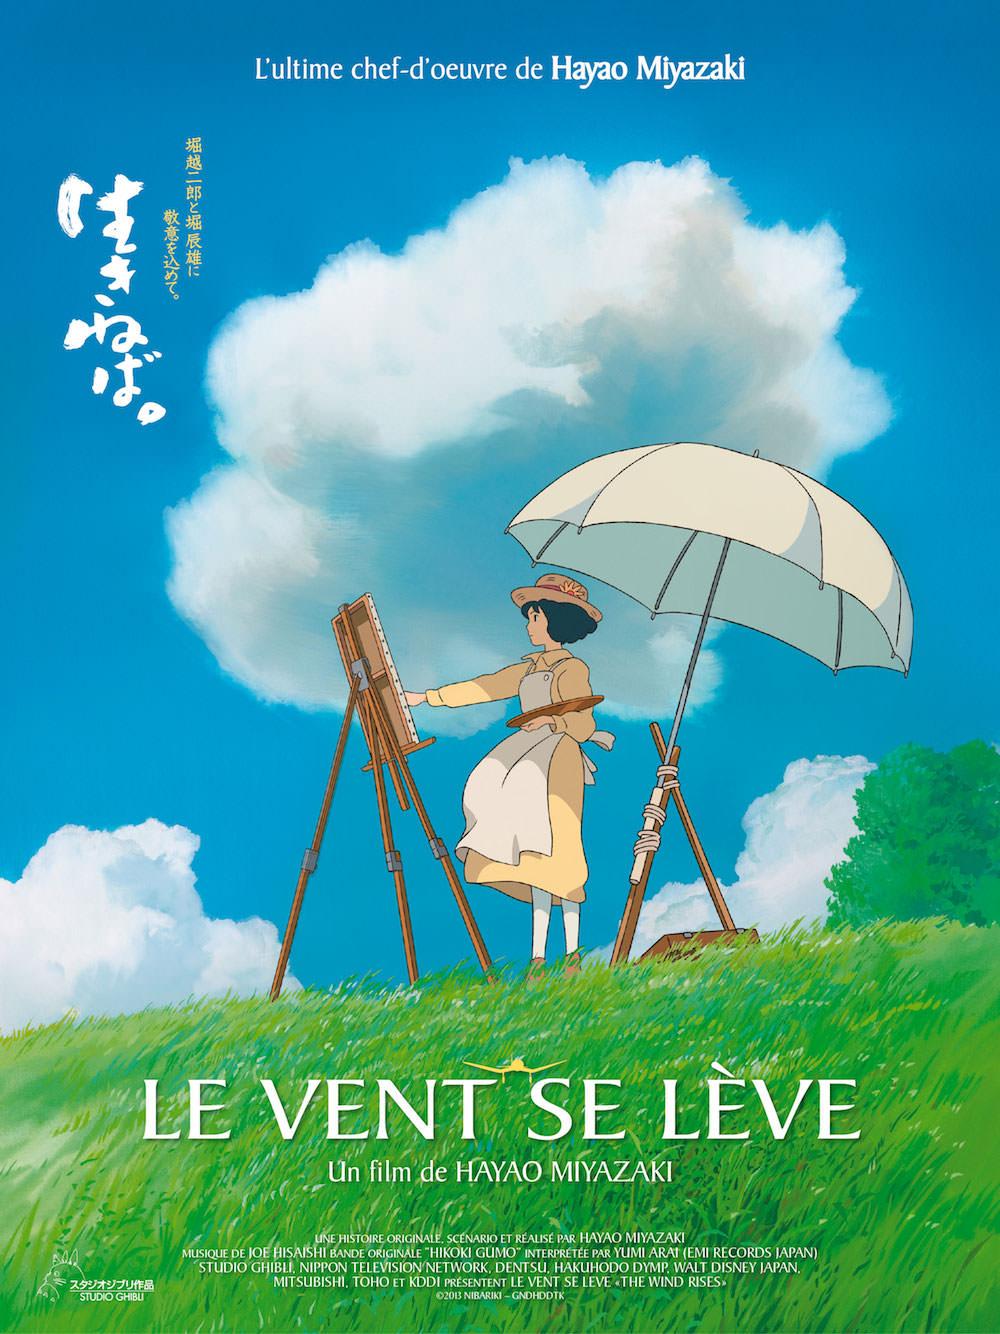 Le vent se leve miyazaki